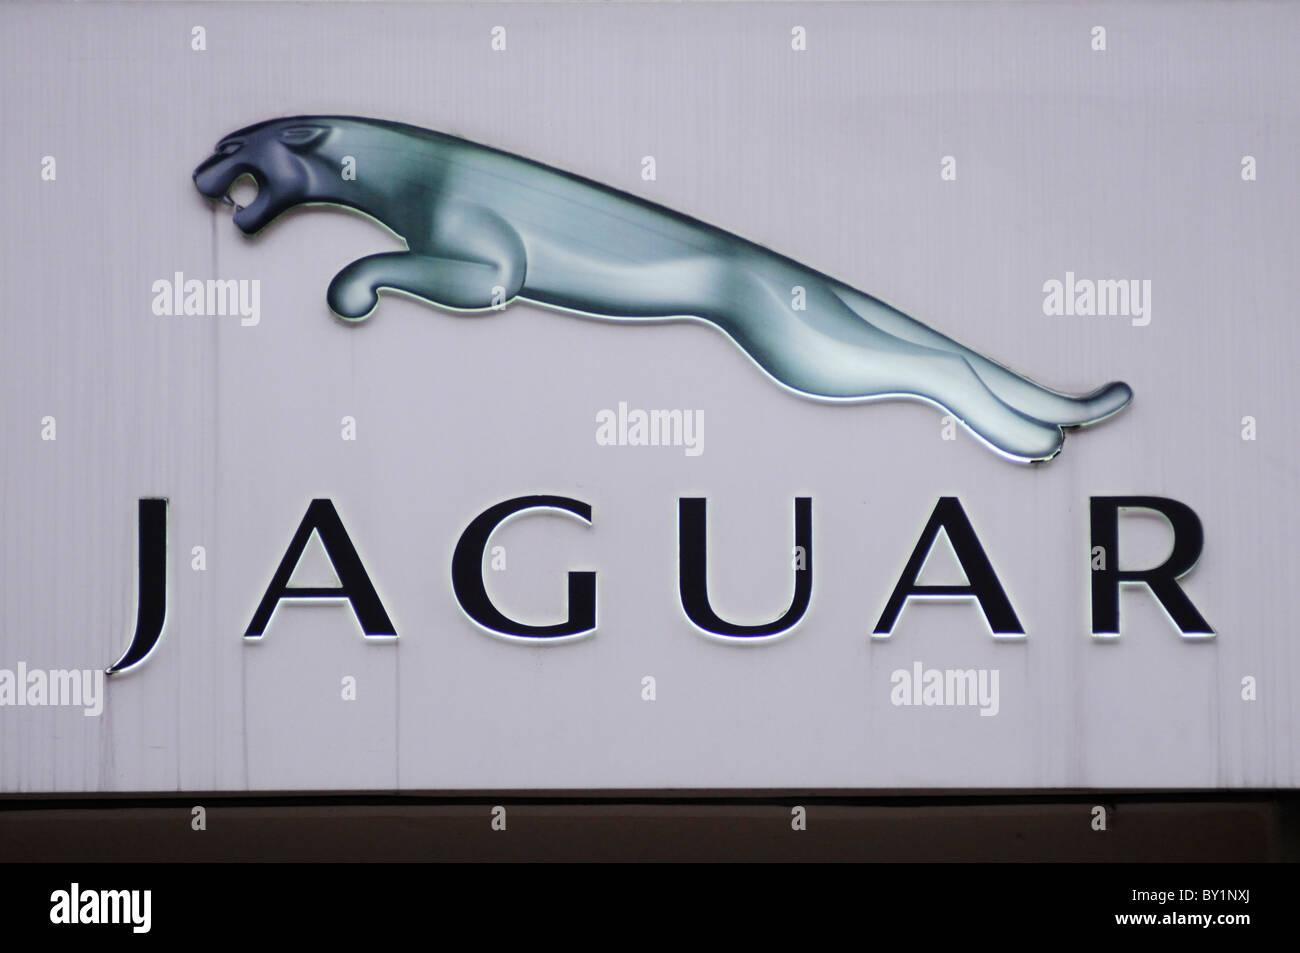 Jaguar Car Symbol Stock Photos Jaguar Car Symbol Stock Images Alamy